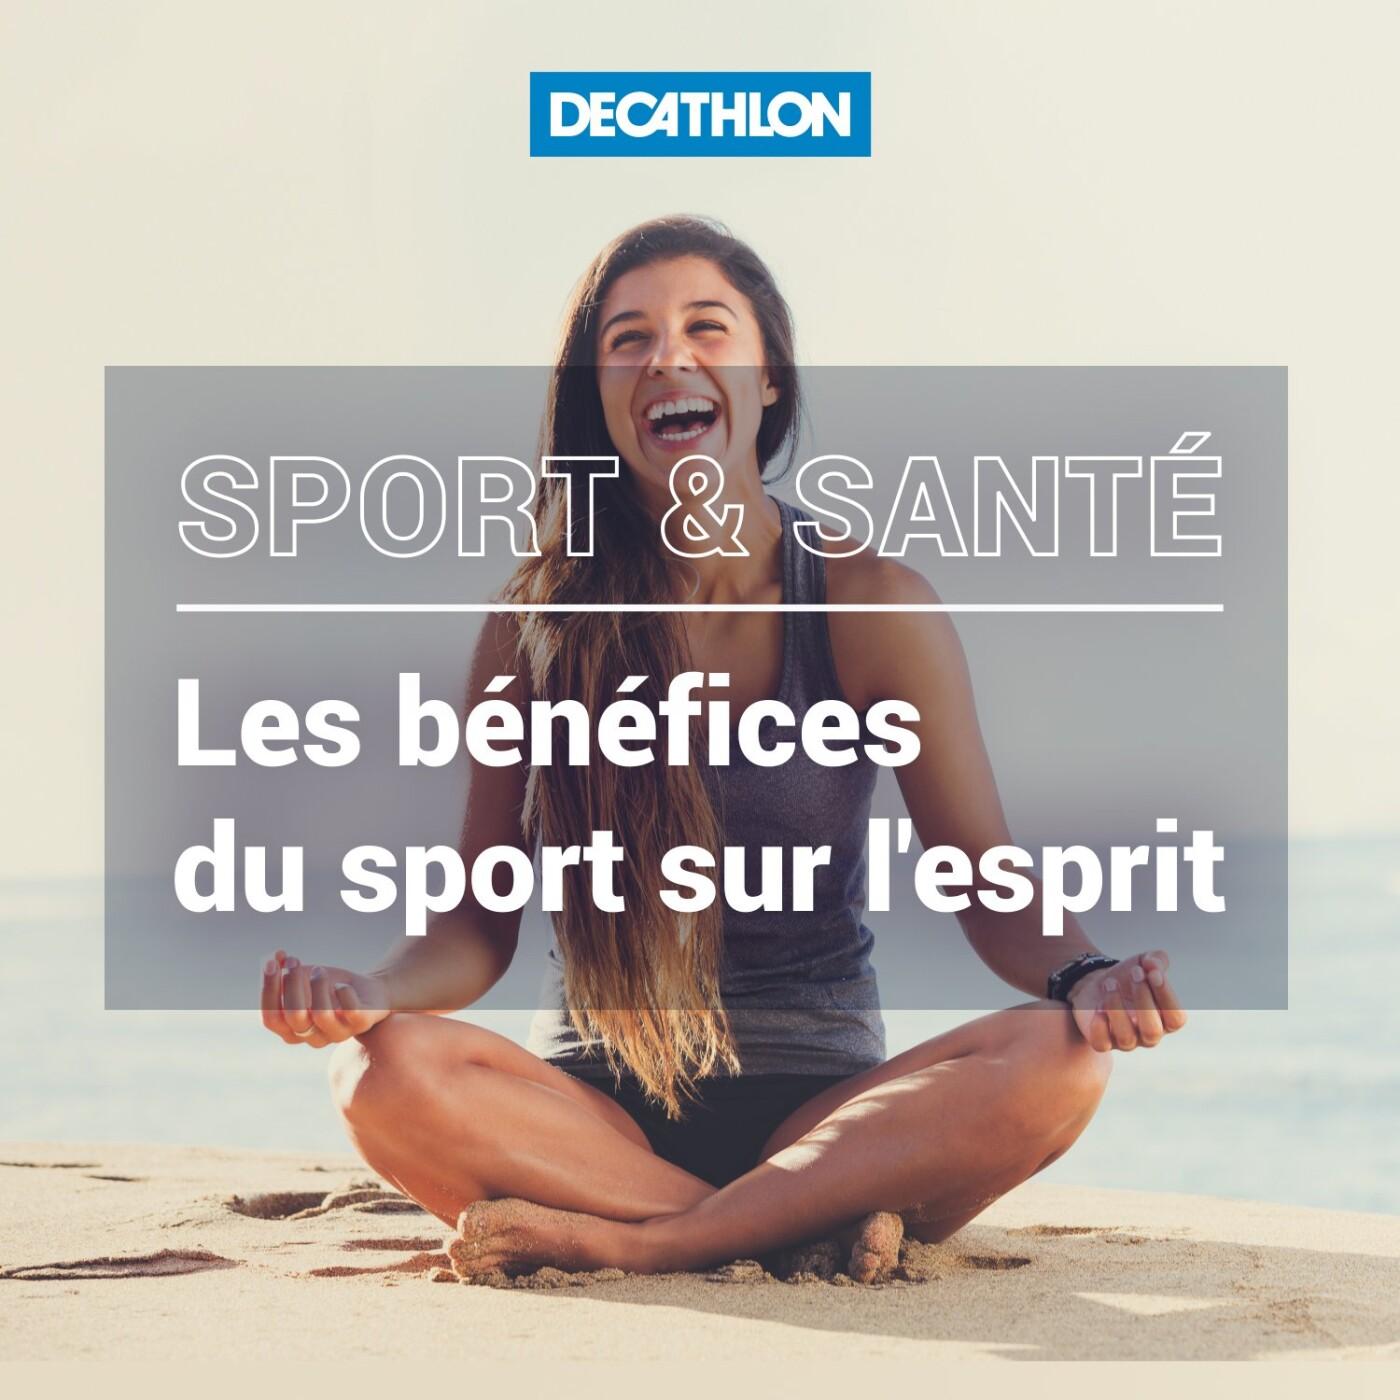 # 36 Sport et santé mentale - Les bénéfices du sport sur l'esprit.